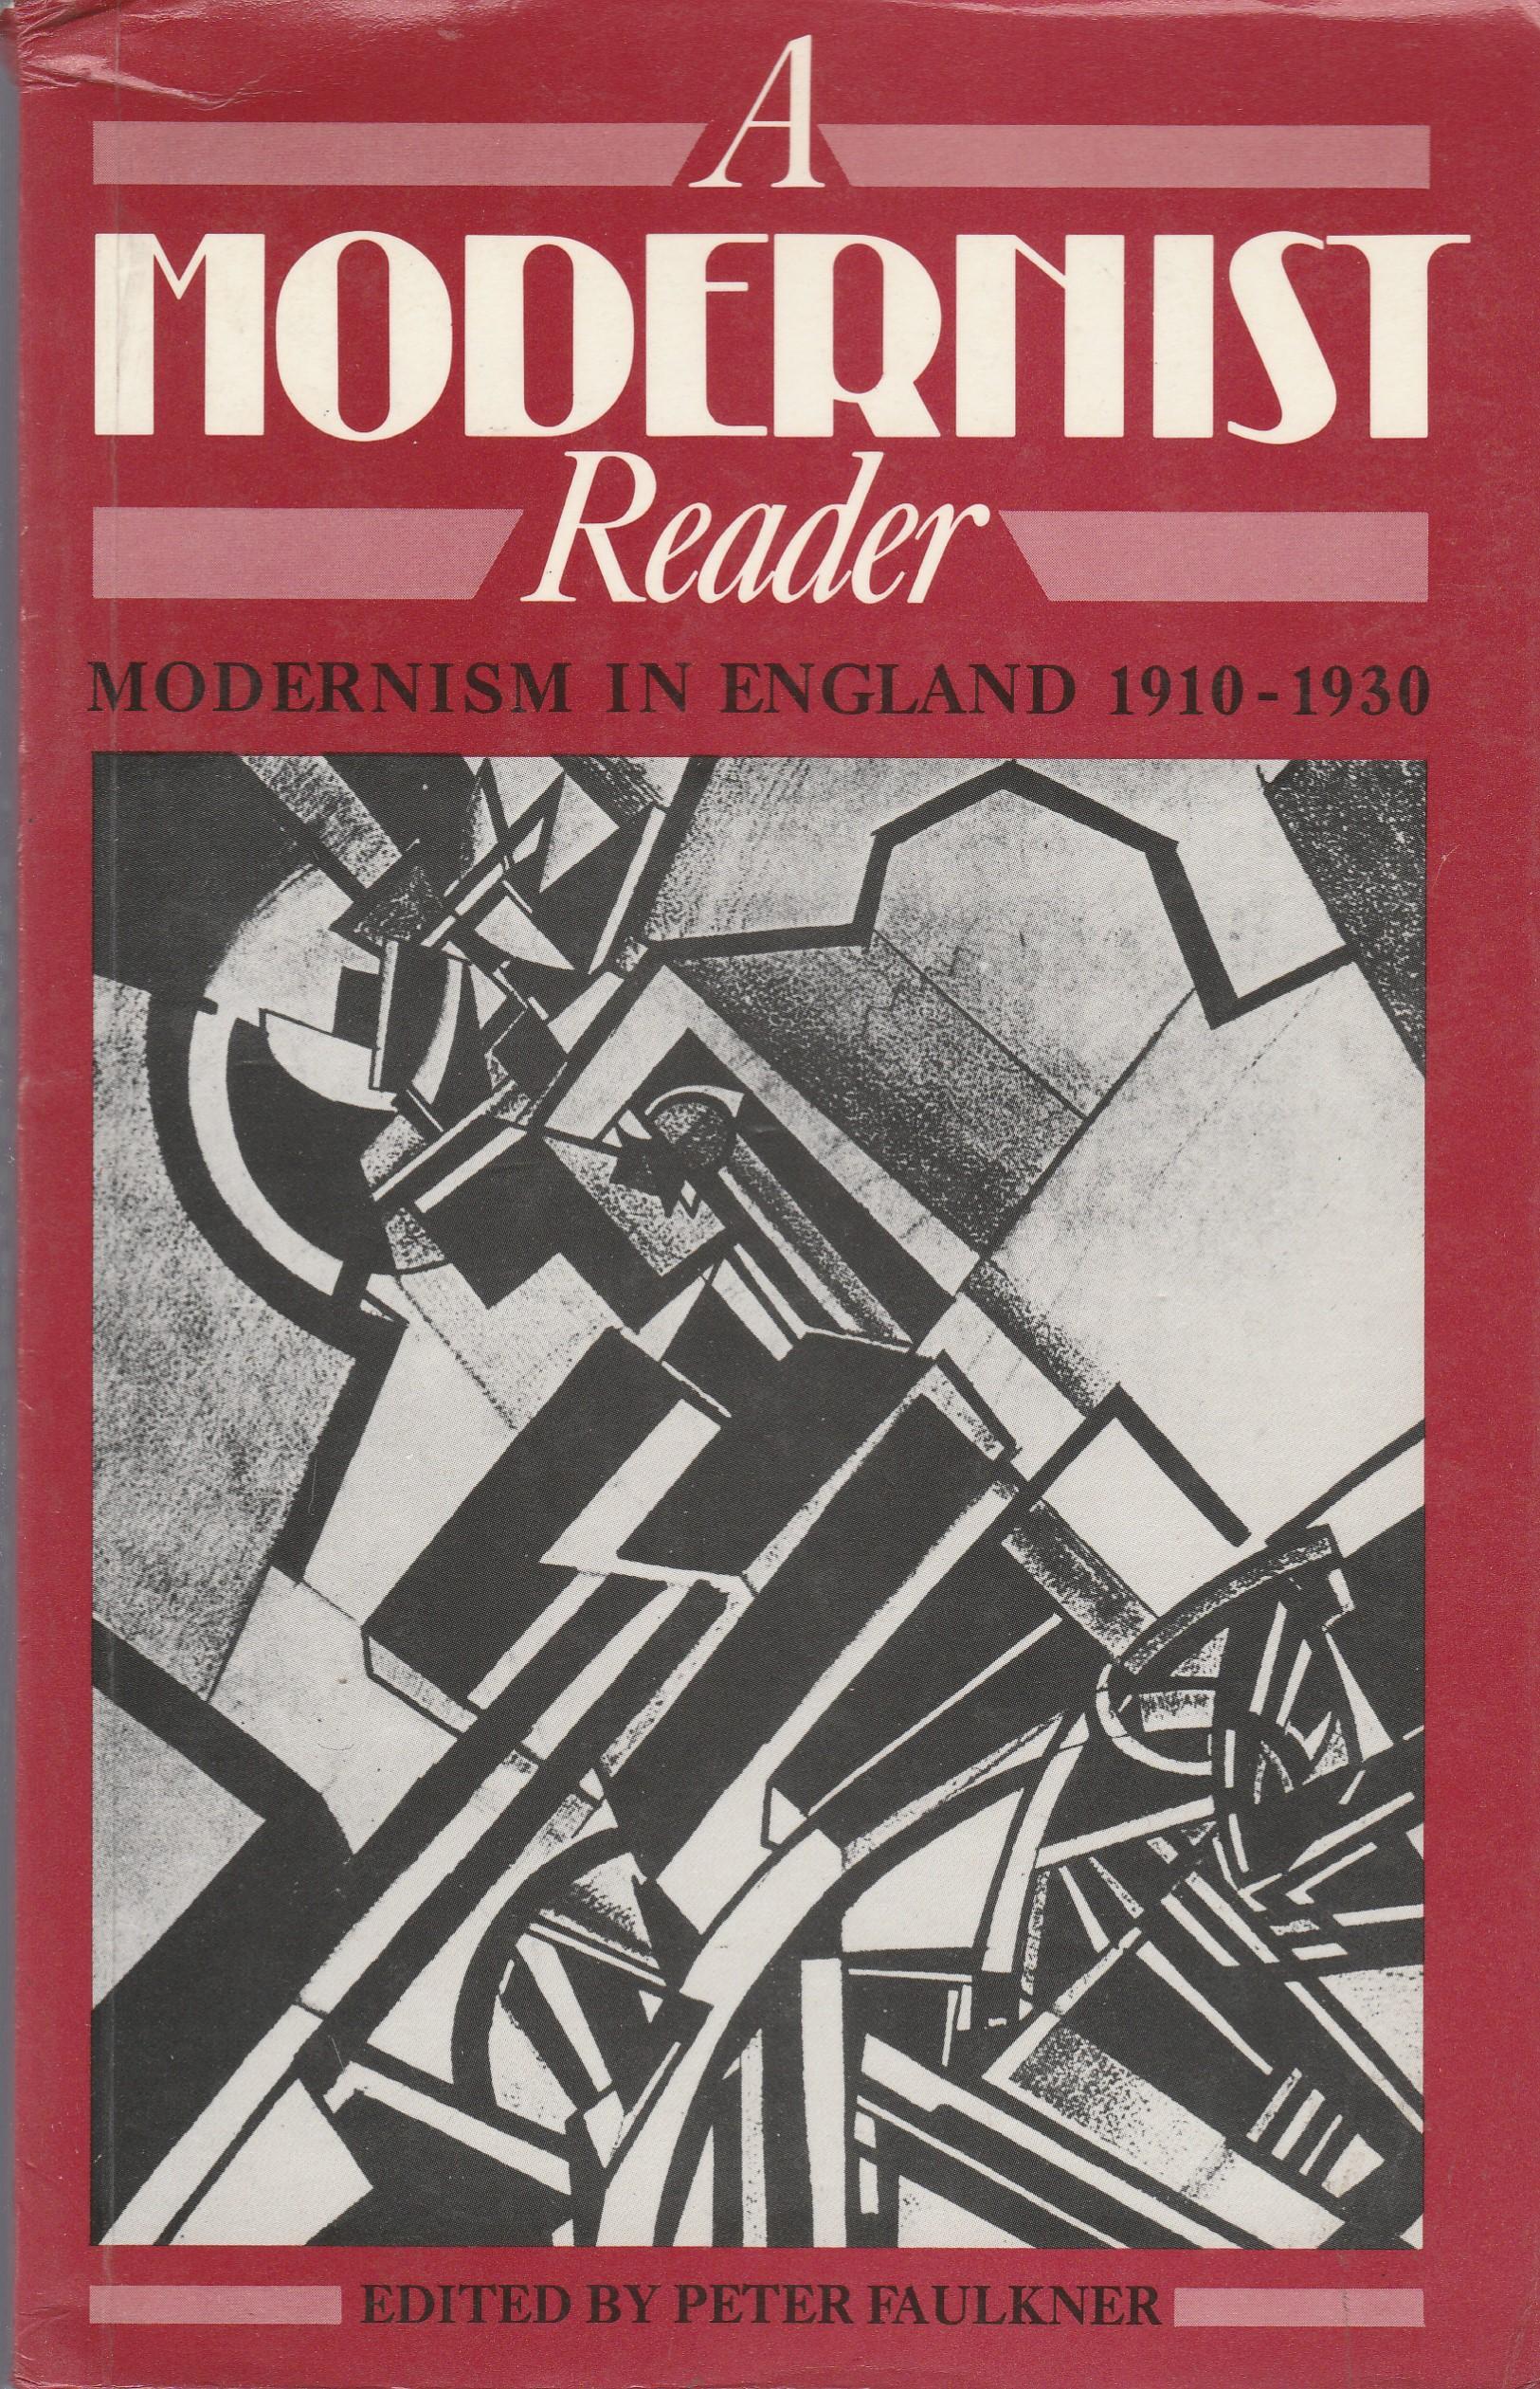 A Modernist Reader